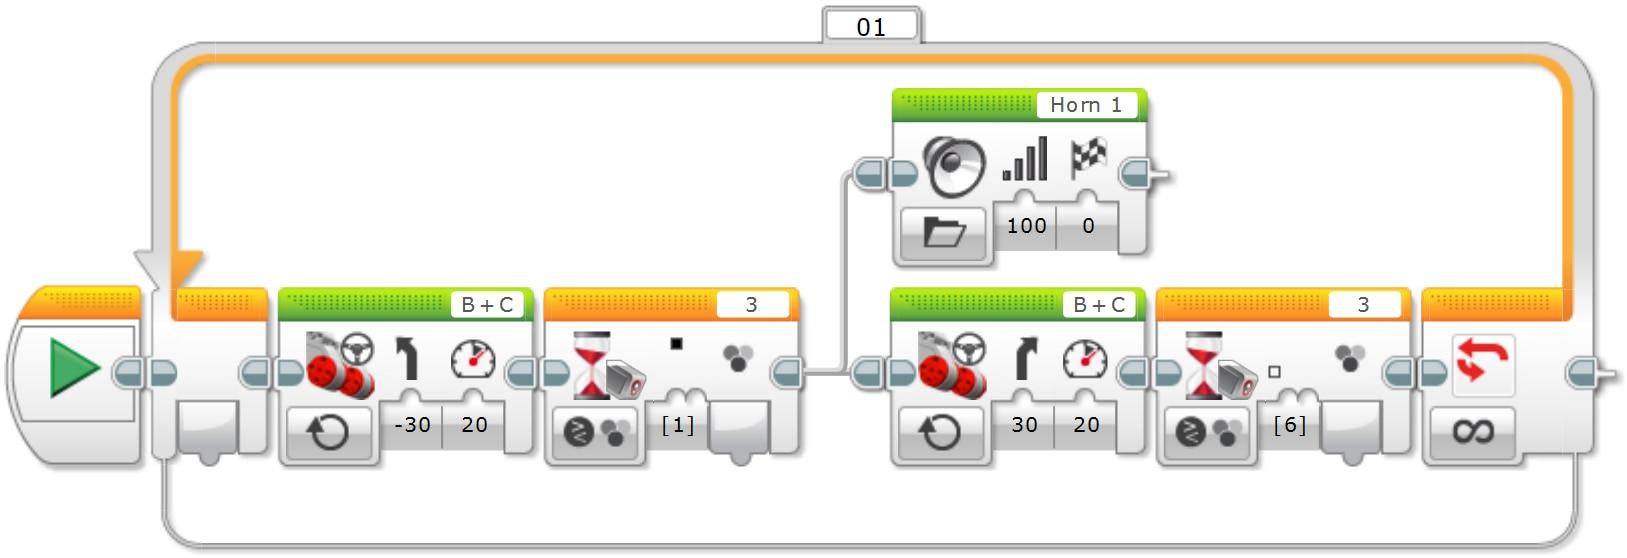 Line Detection - EV3 Coding Activities - Lesson Plans - LEGO